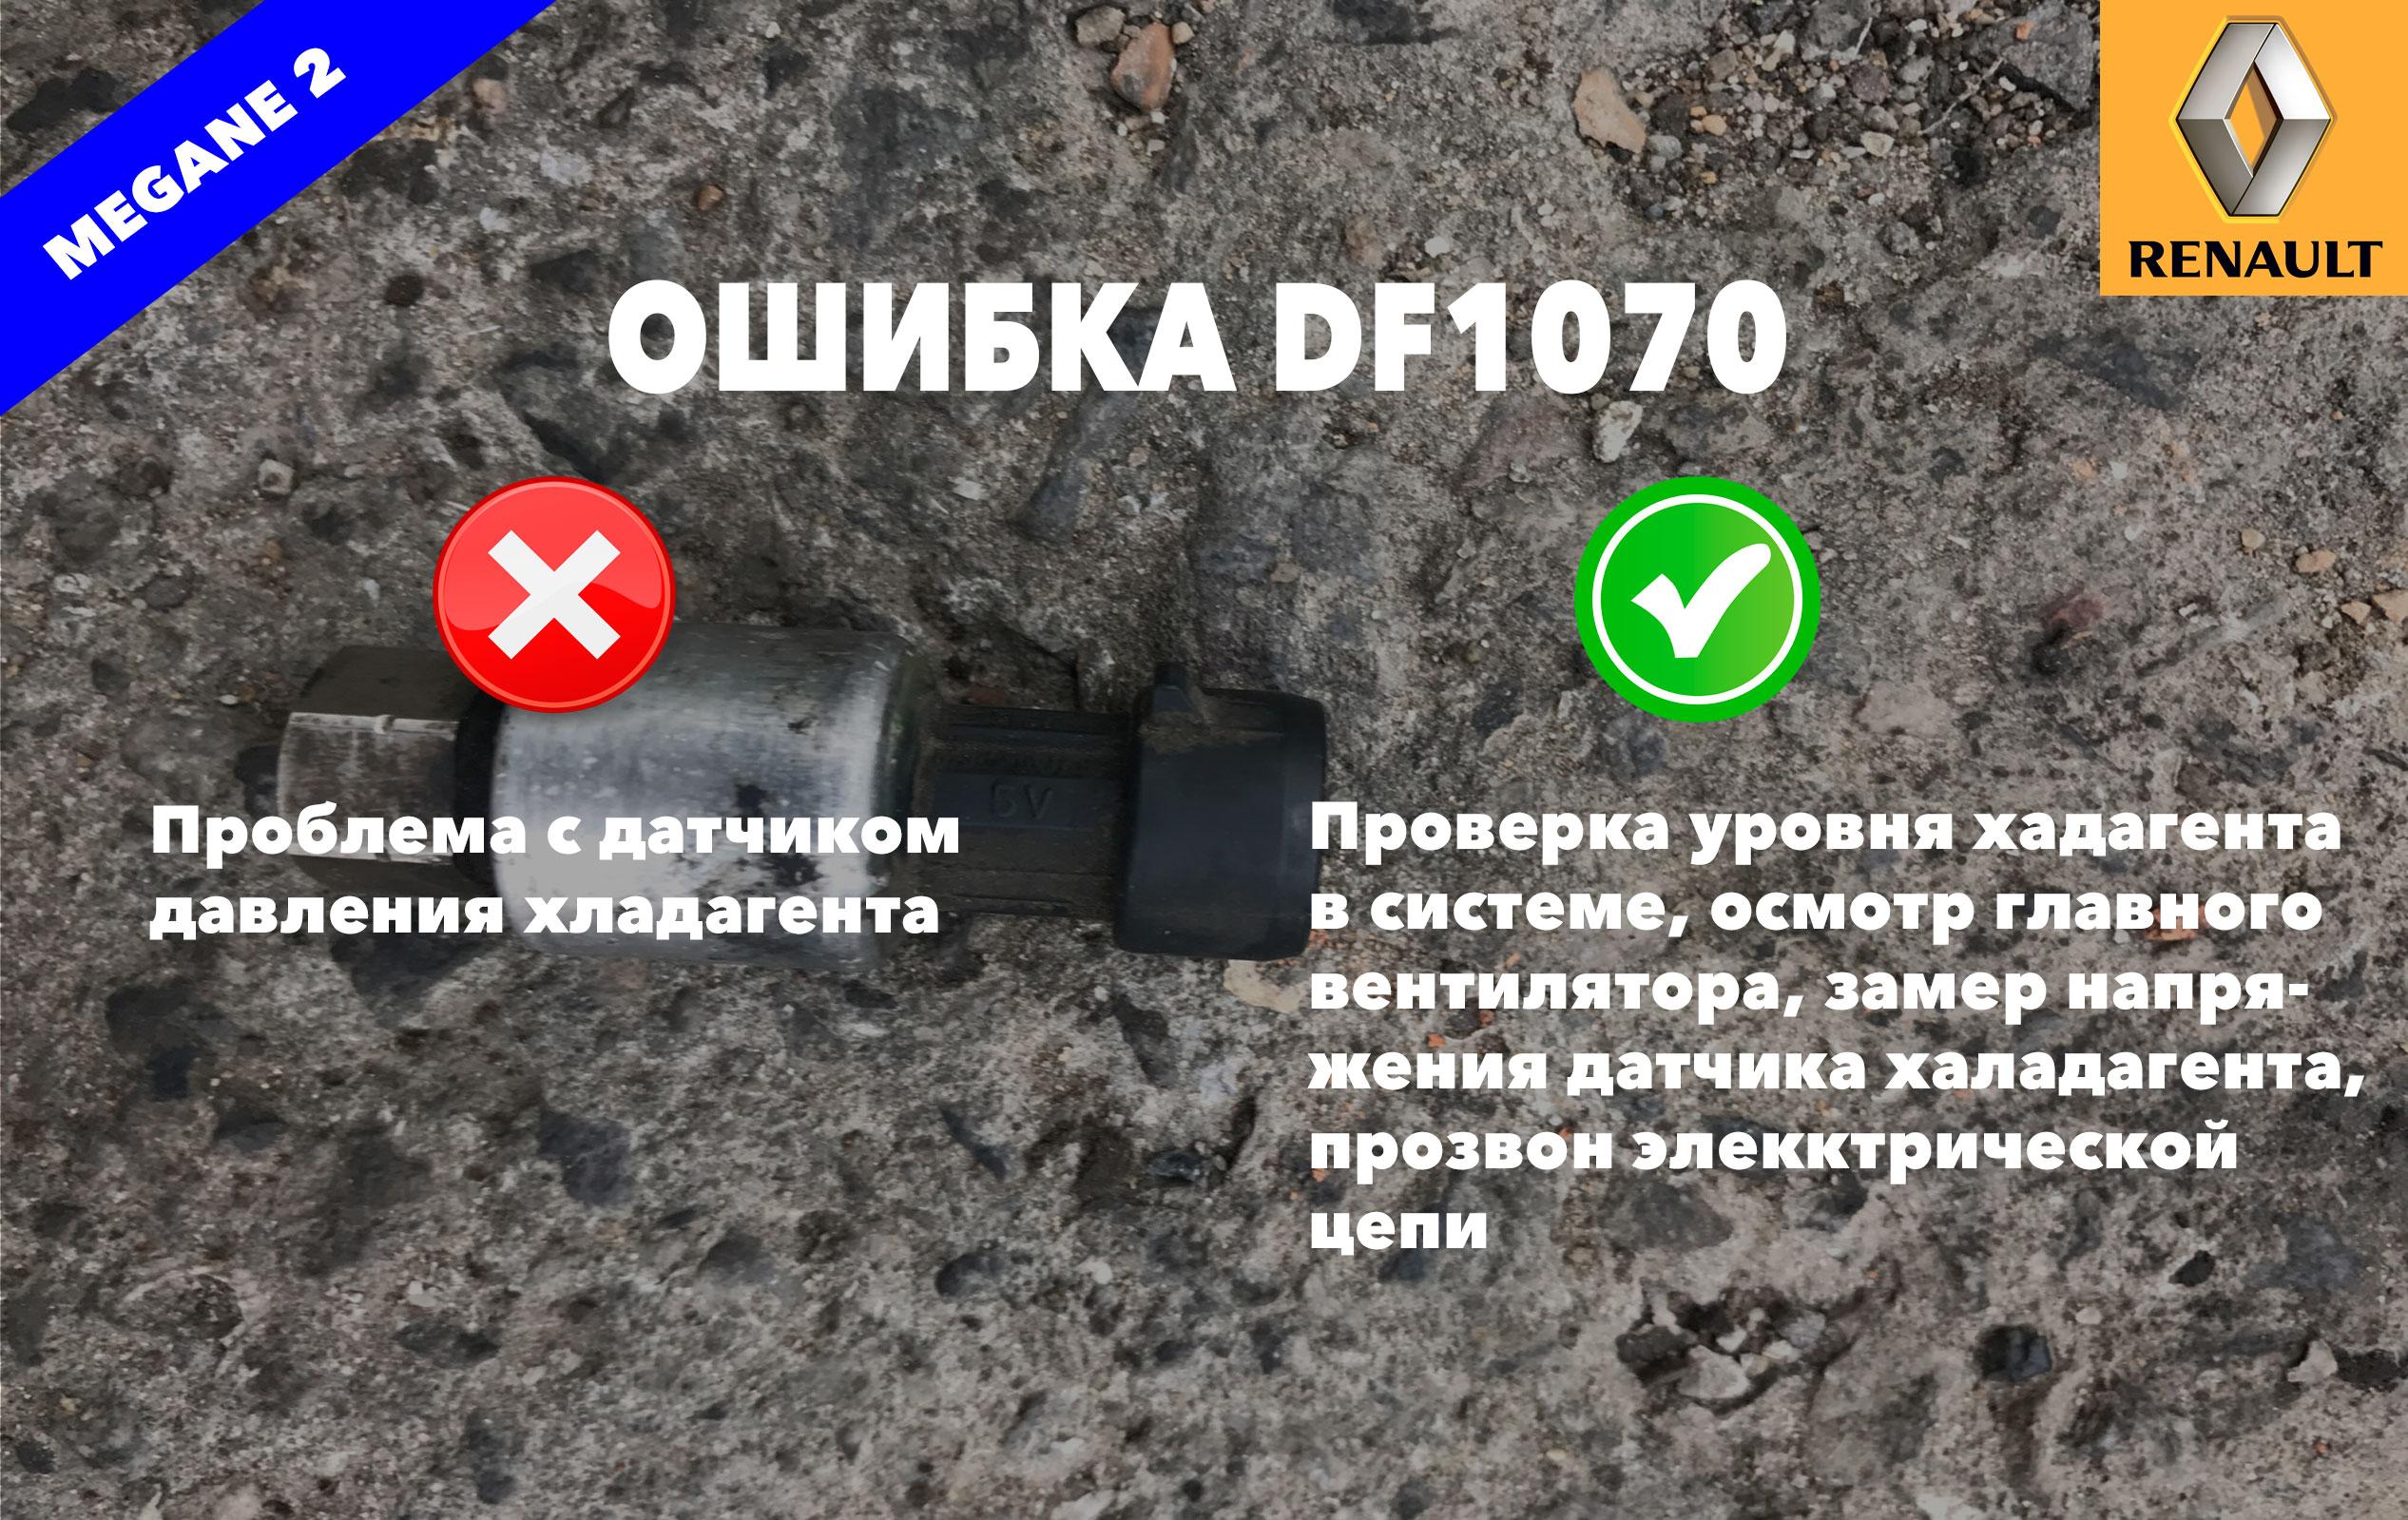 Рено Меган 2 код ошибки DF1070 – проблема с датчиком давления хладагента